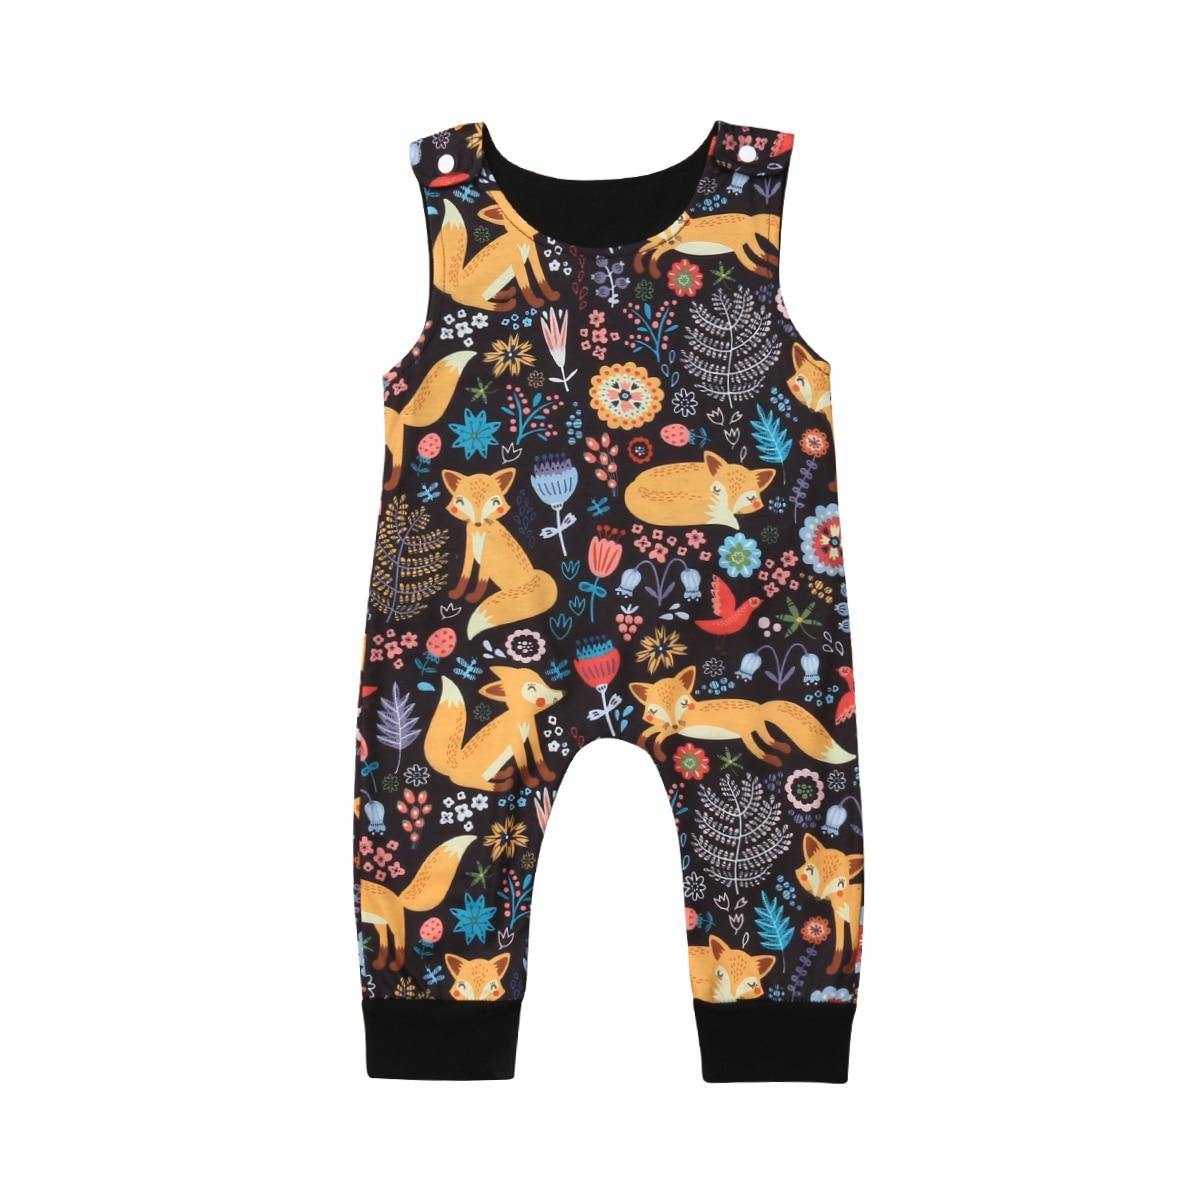 0-18 Mt Nette Neugeborene Baby Junge Mädchen Ärmellose Blumen Cartoon Fuchs Strampler Overall Outfits Baby Kleidung Sommer Eine Lange Historische Stellung Haben